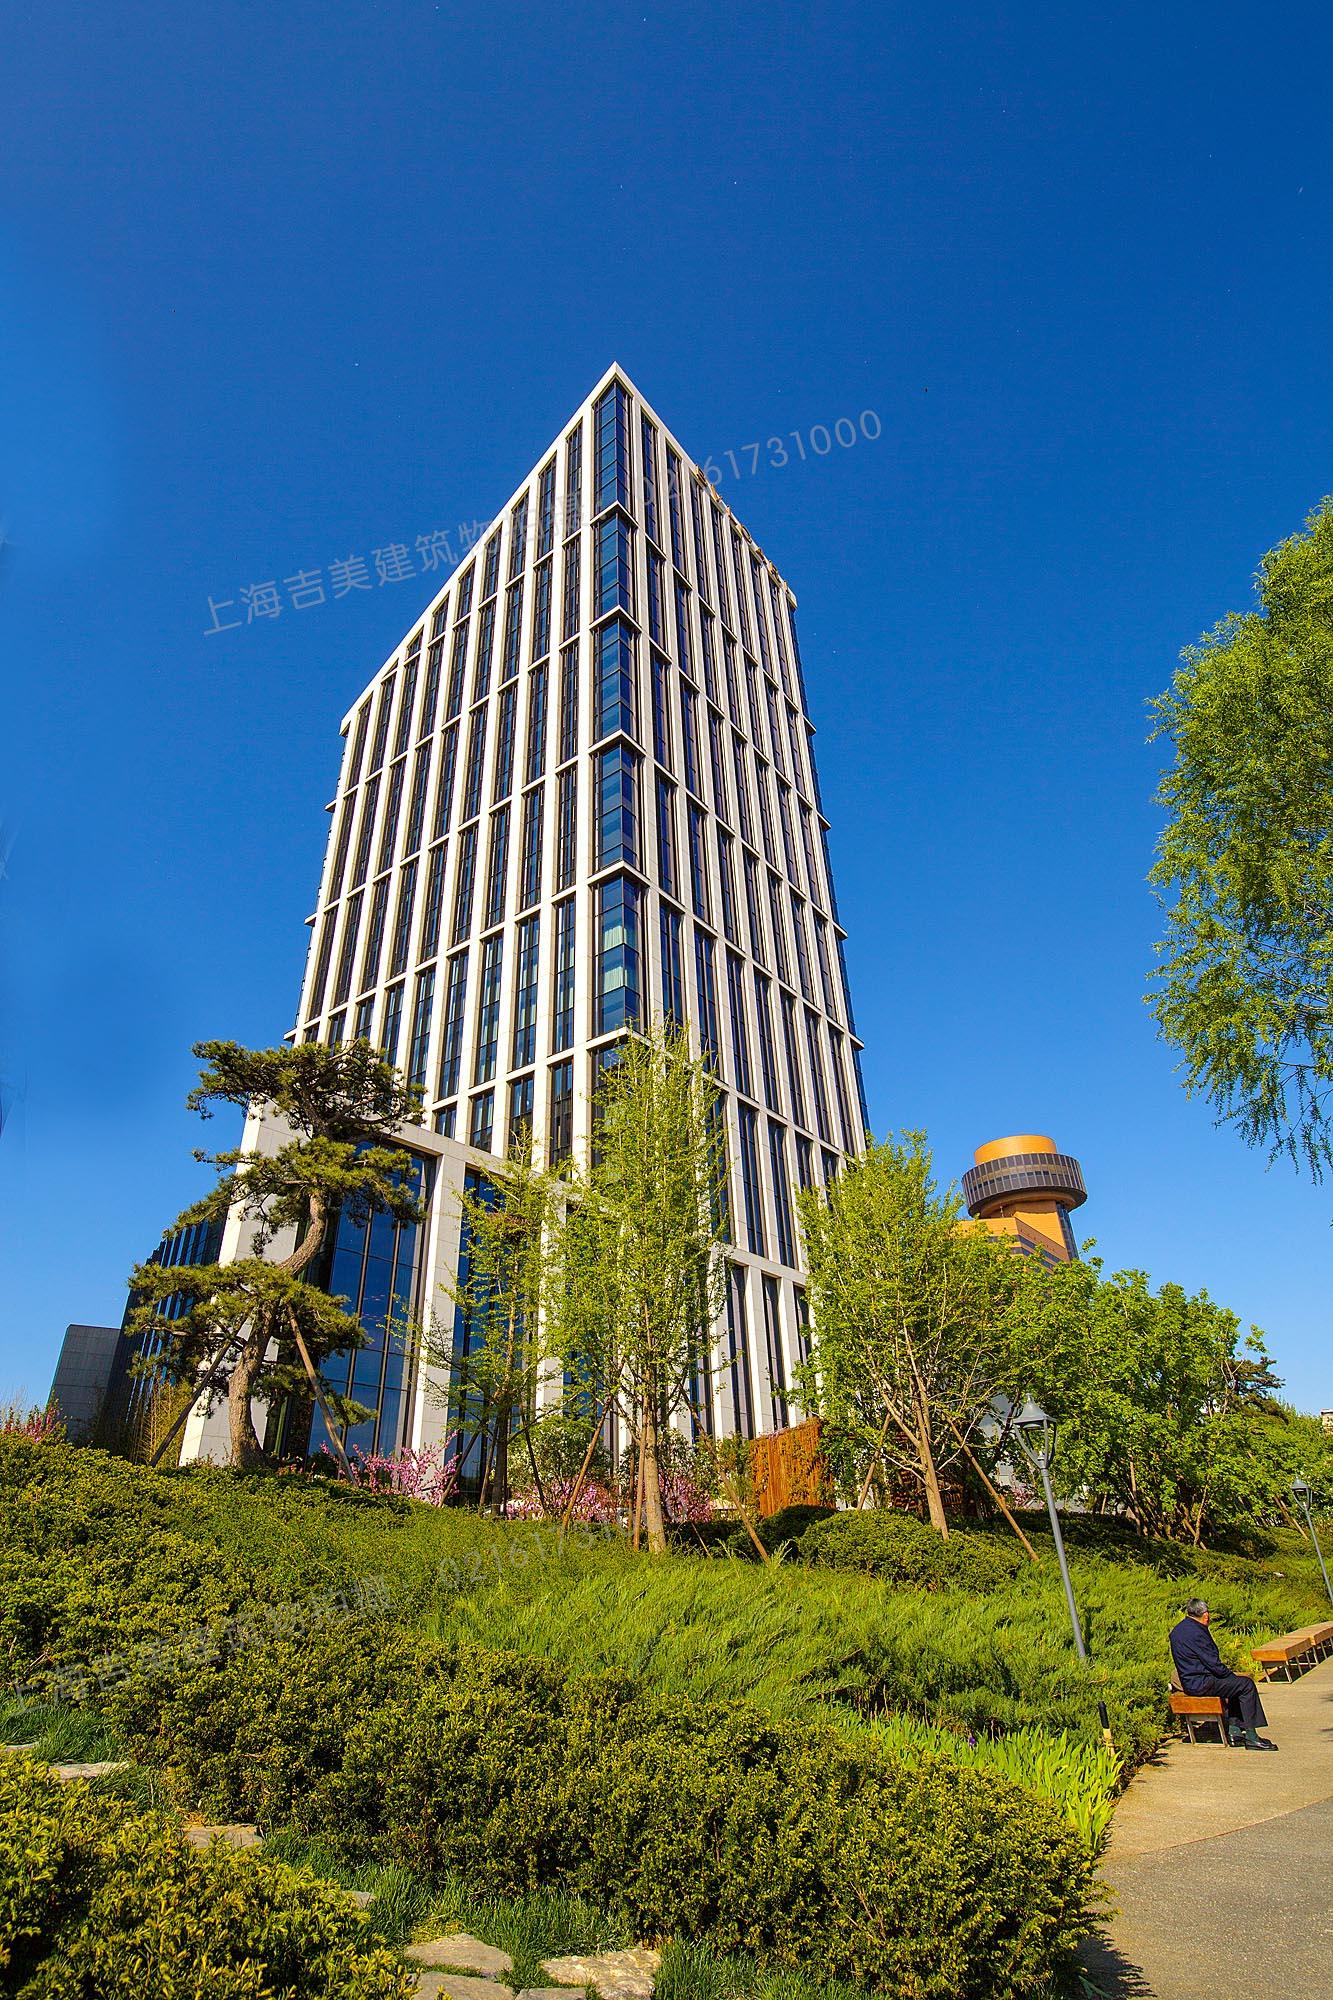 上海建筑物摄影